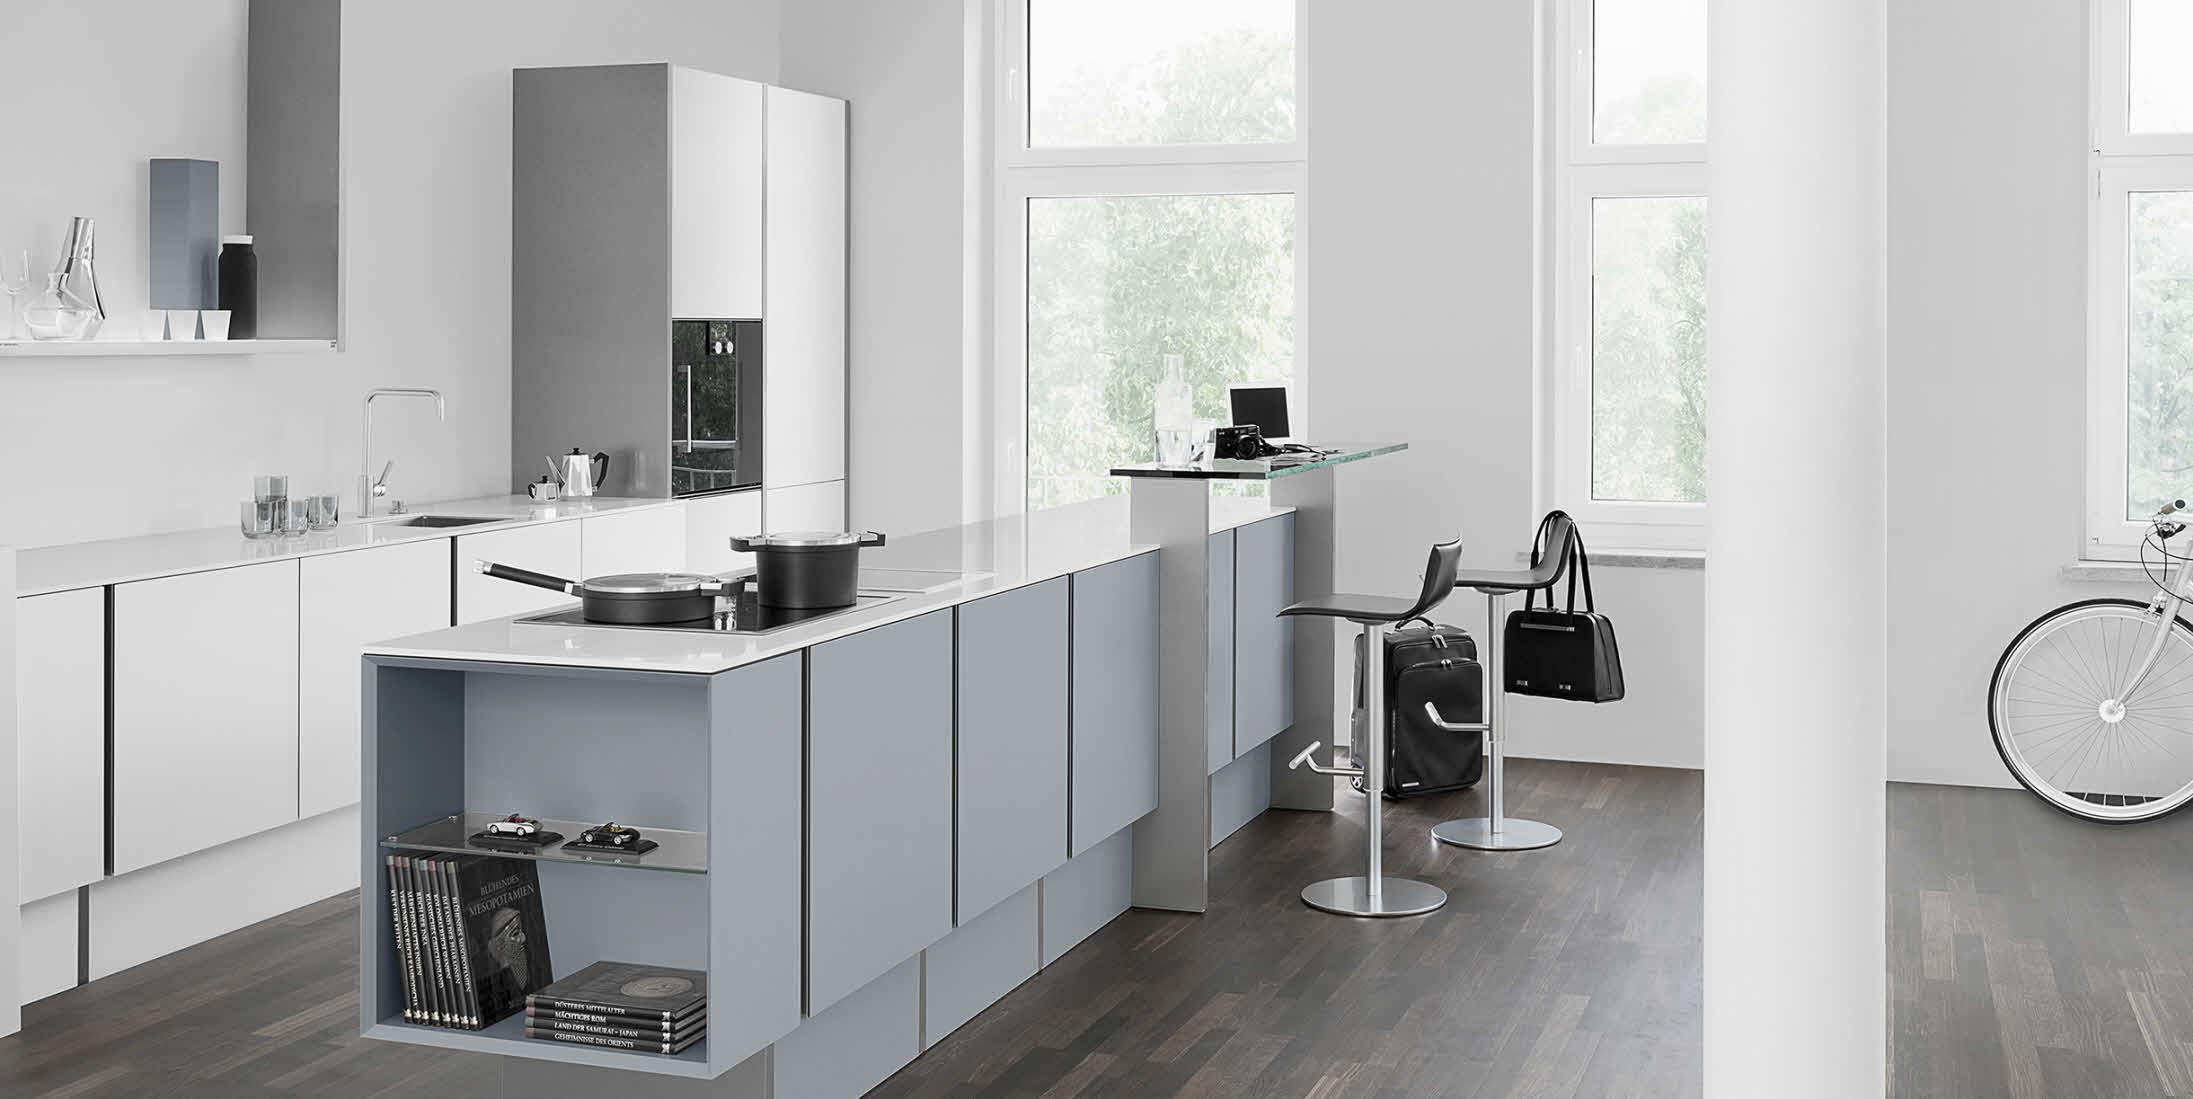 Design Keuken Groningen : Vison keuken design in groningen startpagina voor keuken ideeën uw